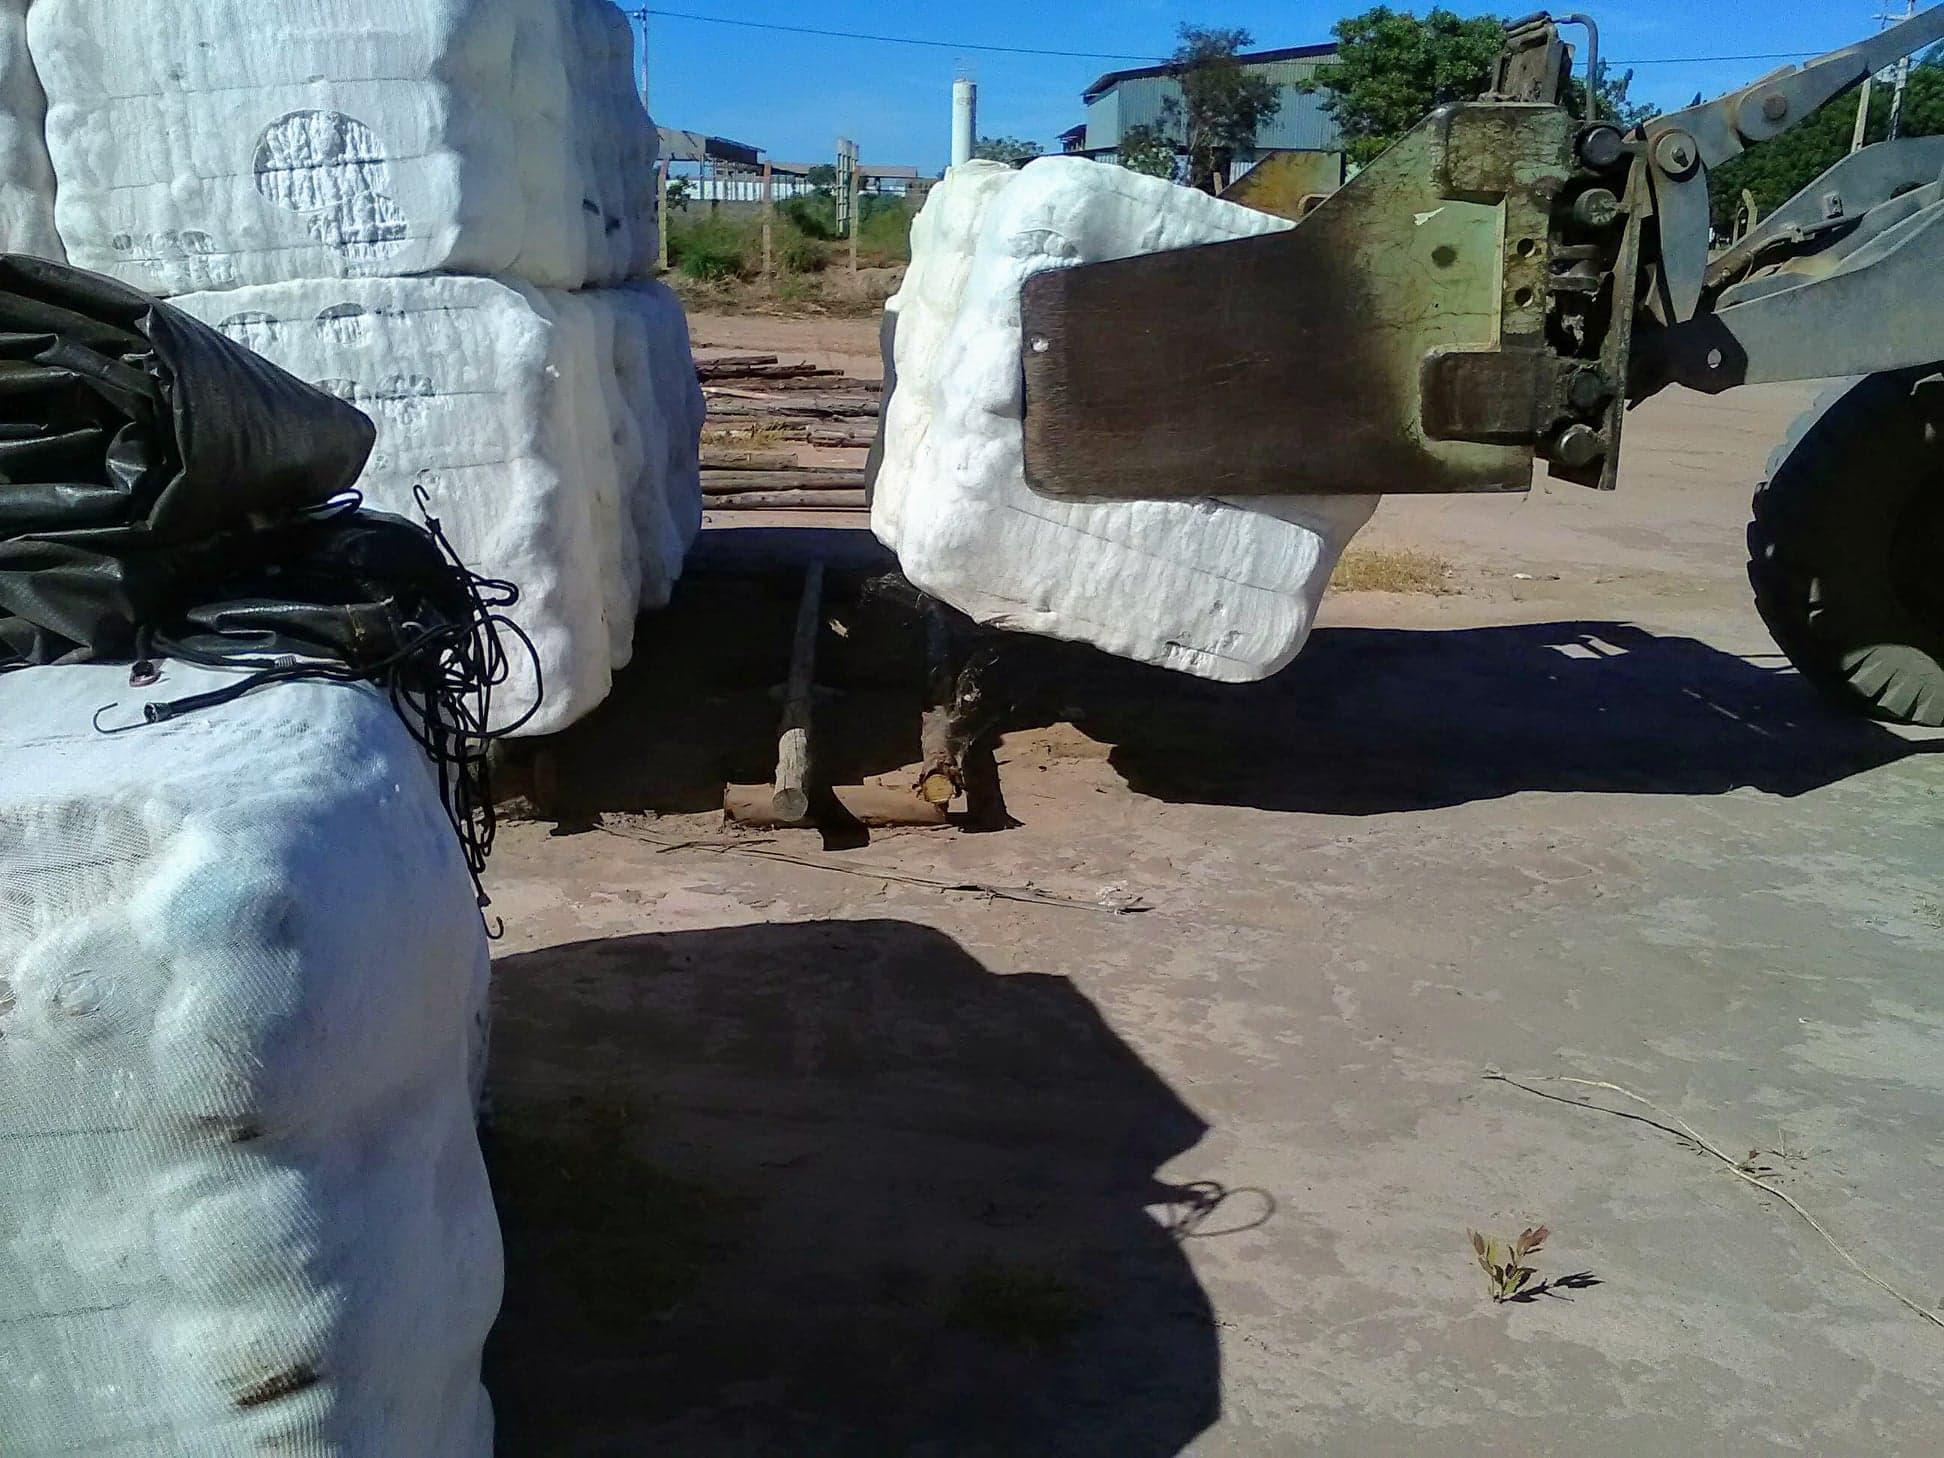 37-ton-katoenladen-voor-Santos-wagen-wordt-door-speciale-afdekkers--dicht-gemaakt-6